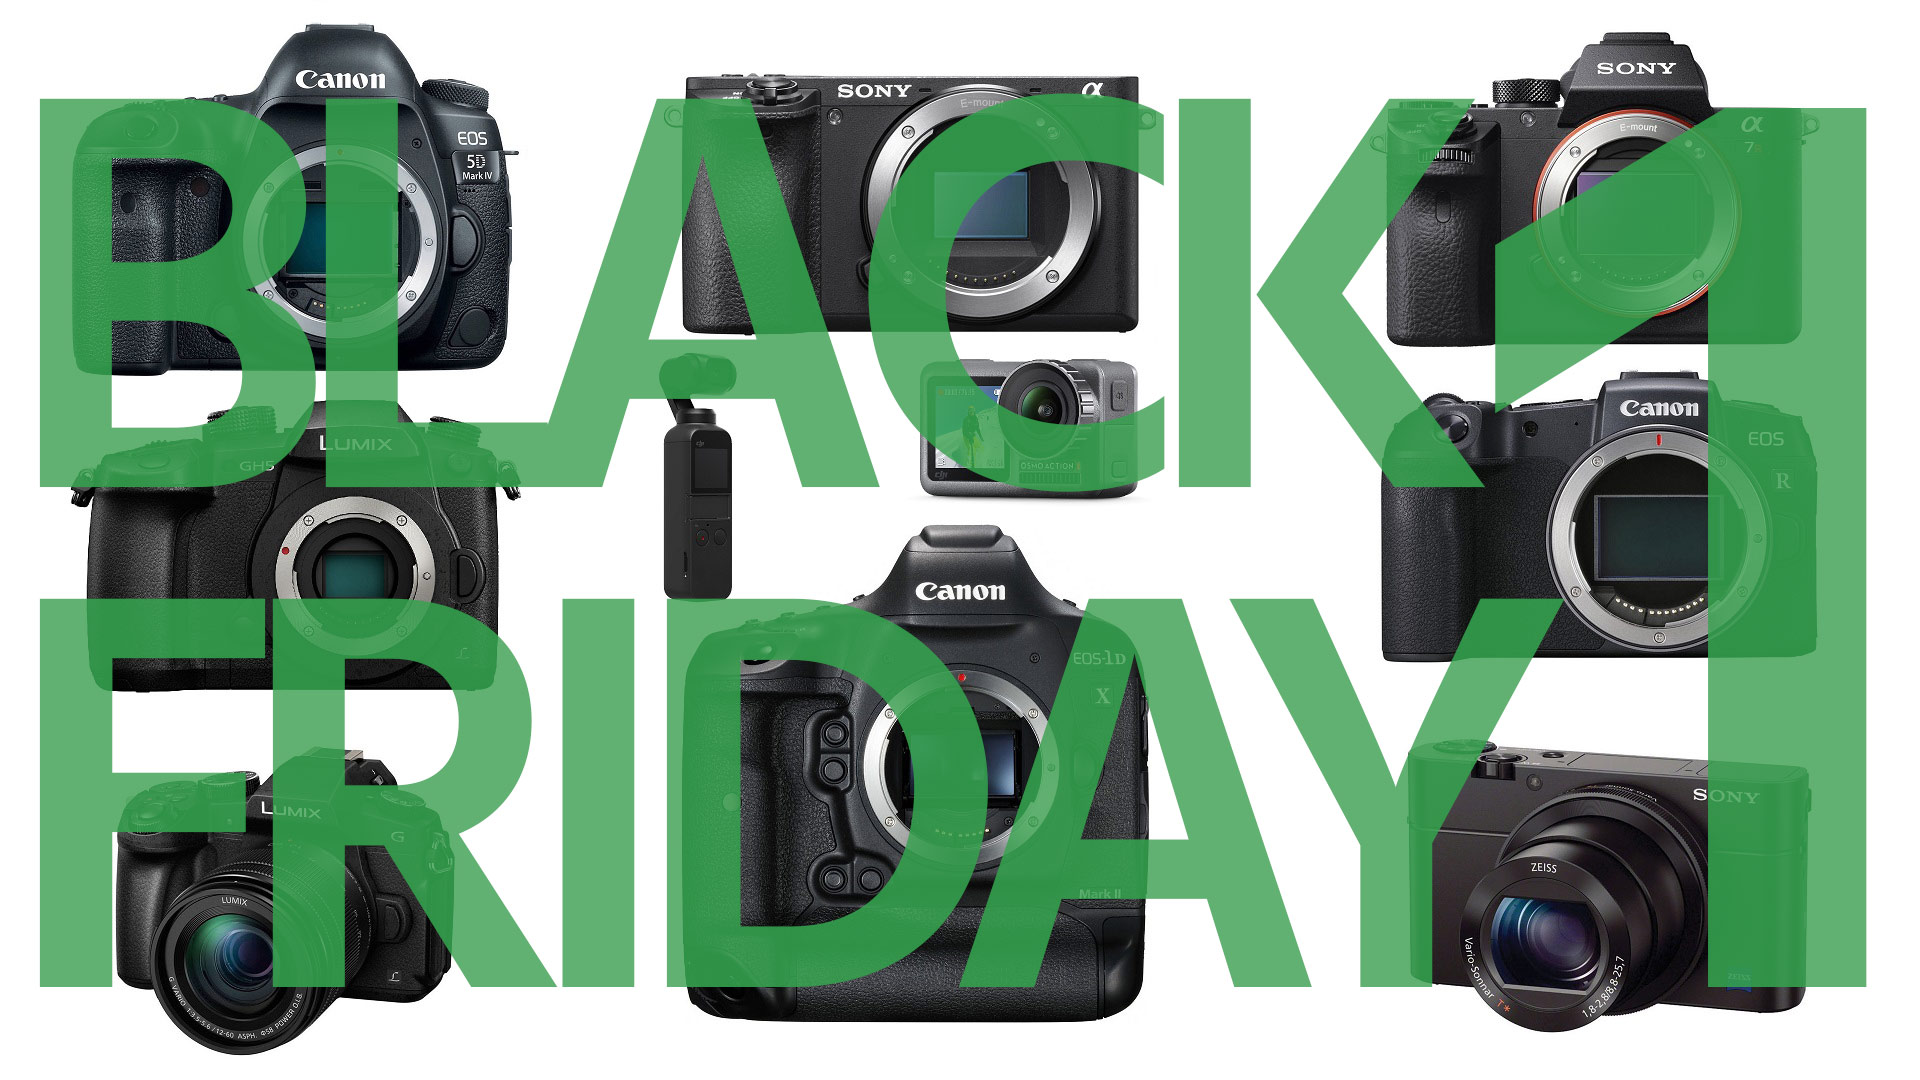 Las mejores ofertas de Black Friday para cineastas - Parte 1: Cámaras, FilmConvert, MZed